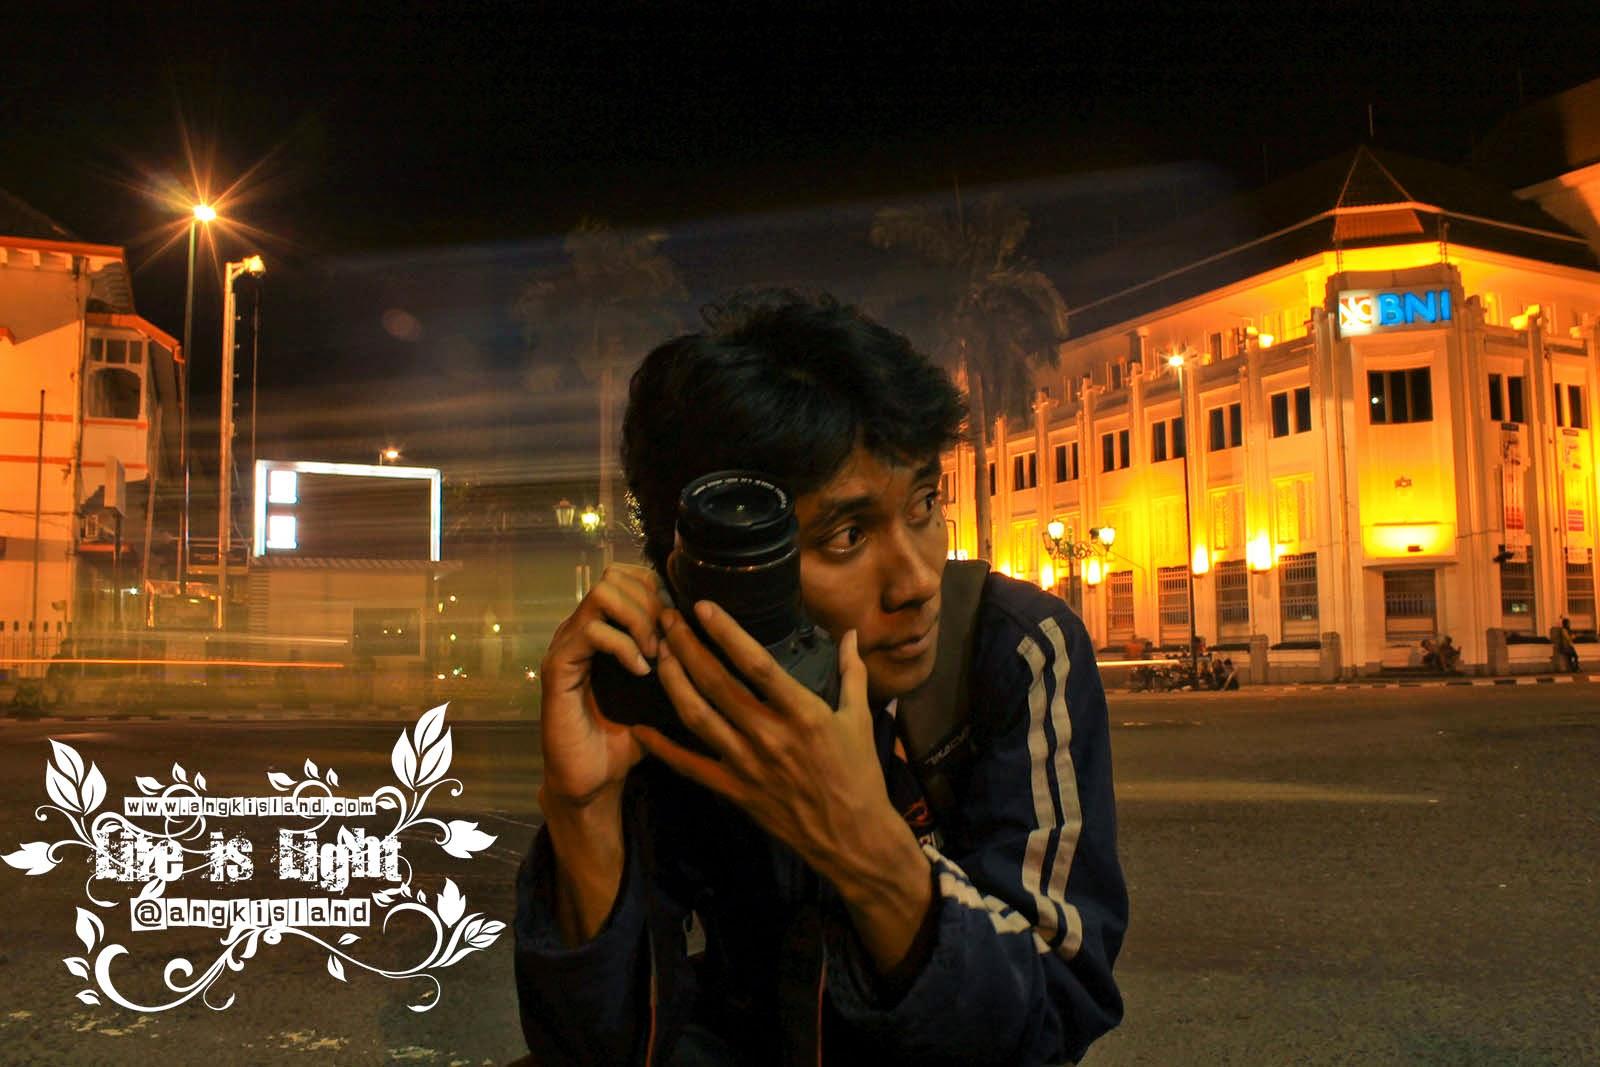 angki dan fotografi